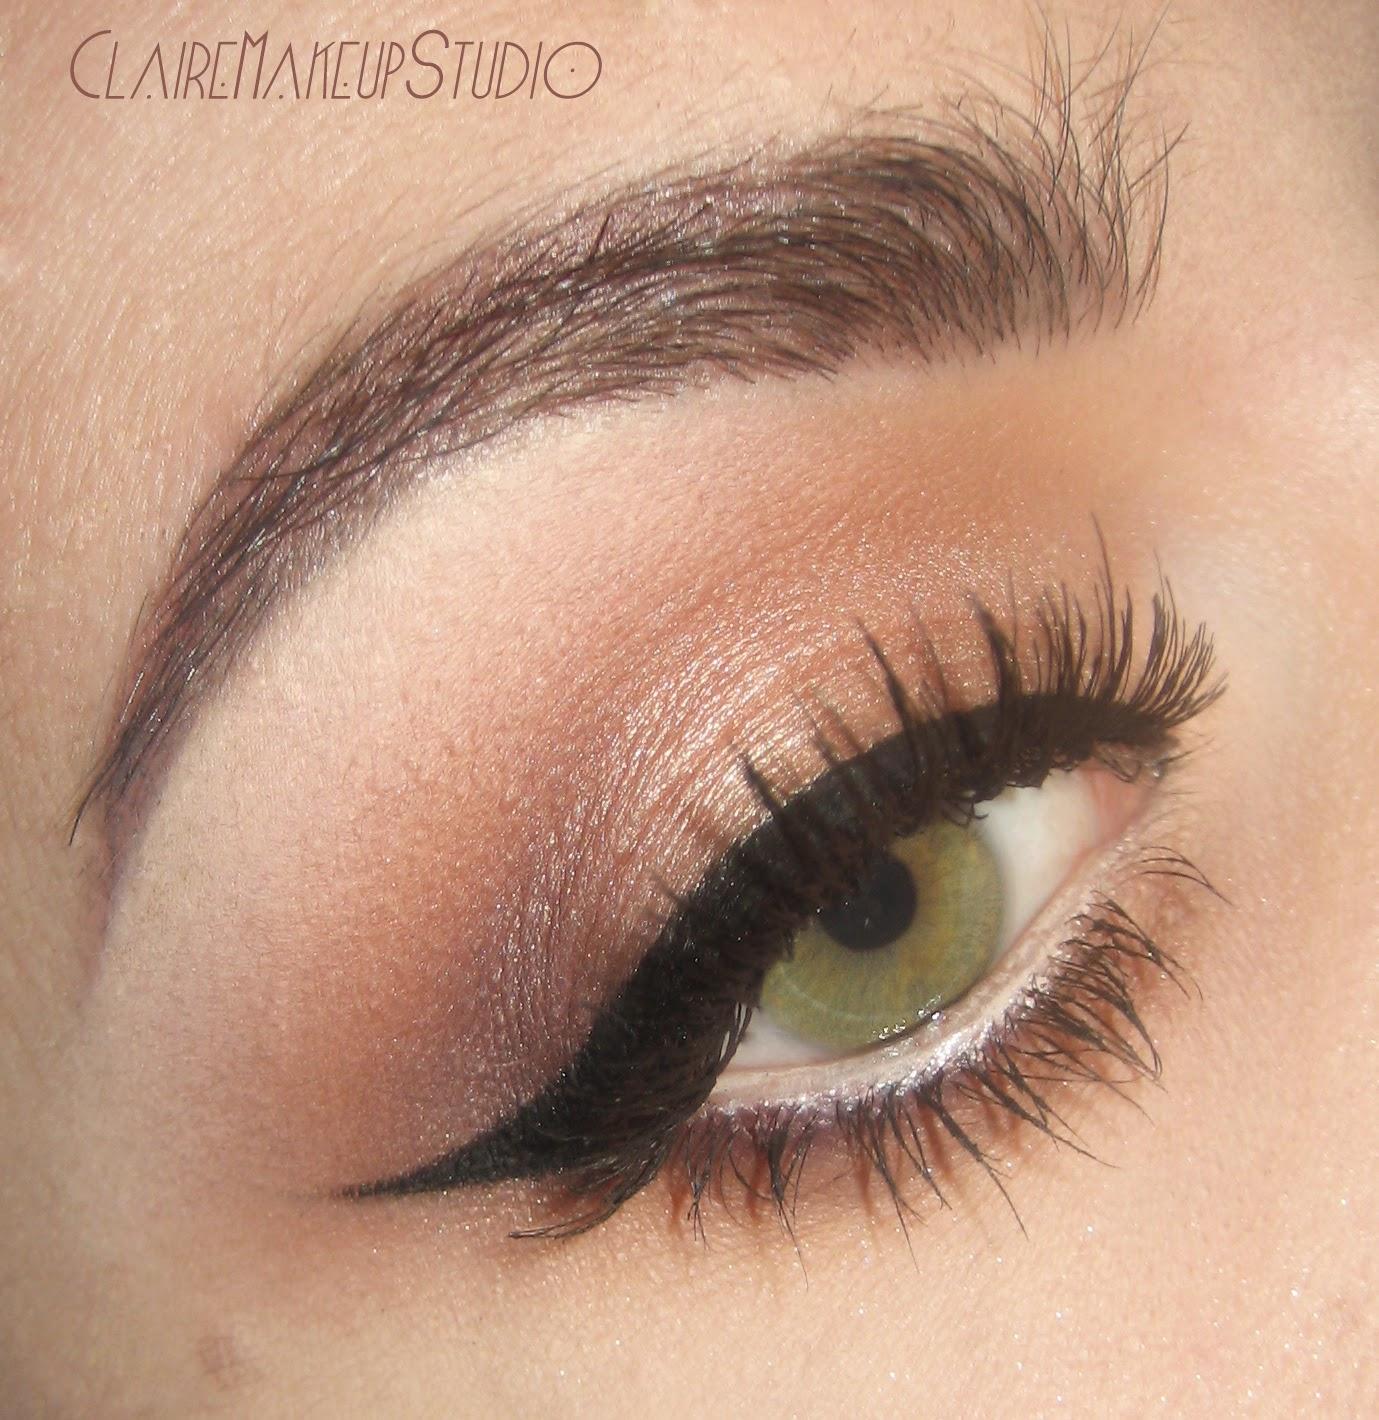 Clairemakeupstudio Prom 2014 Classic Amp Timeless Makeup